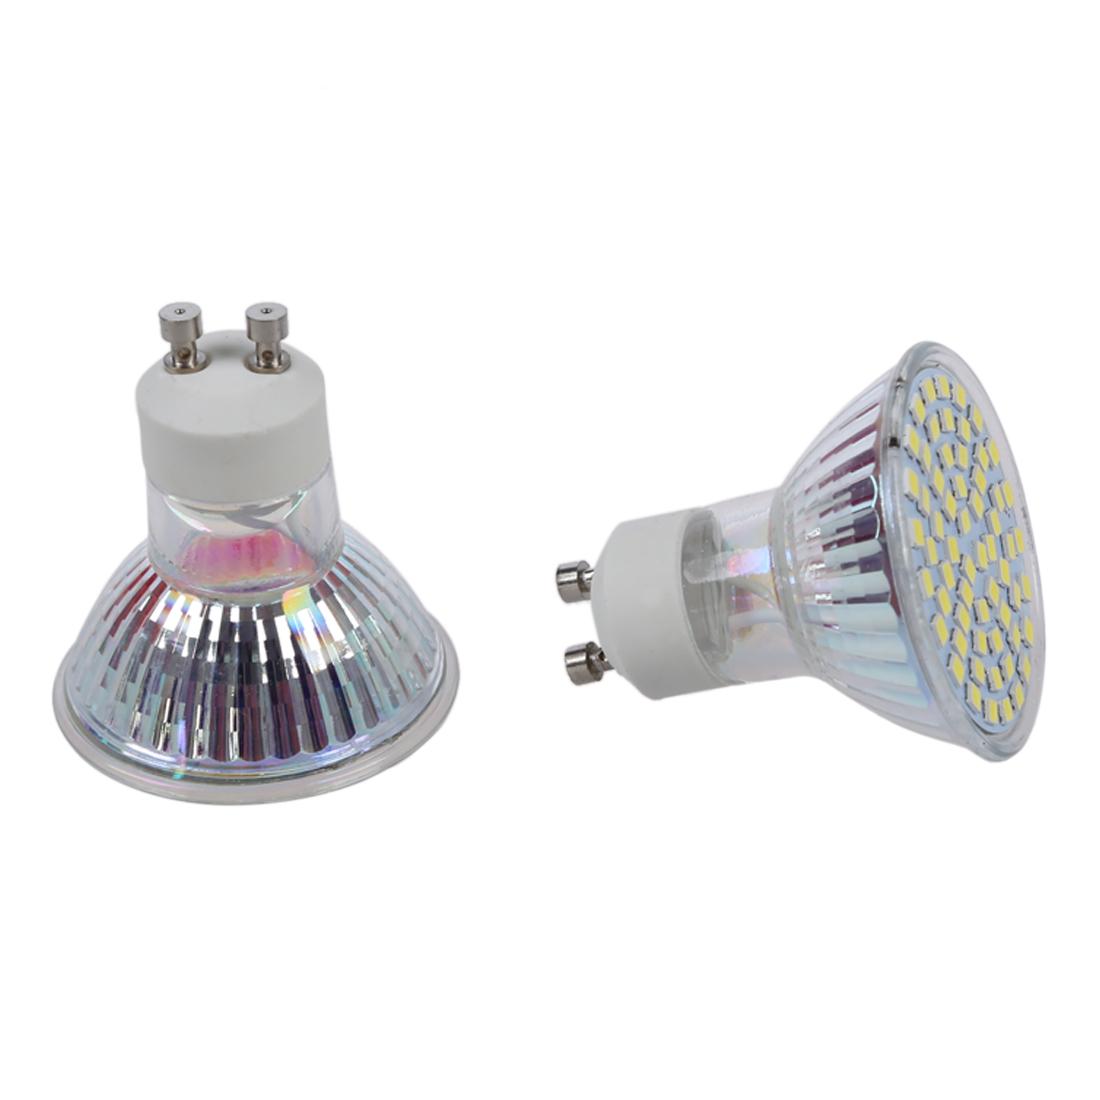 10x 5w gu10 60 3528 smd led weiss 6500k spot licht gluehlampe lampen 220v neu me. Black Bedroom Furniture Sets. Home Design Ideas